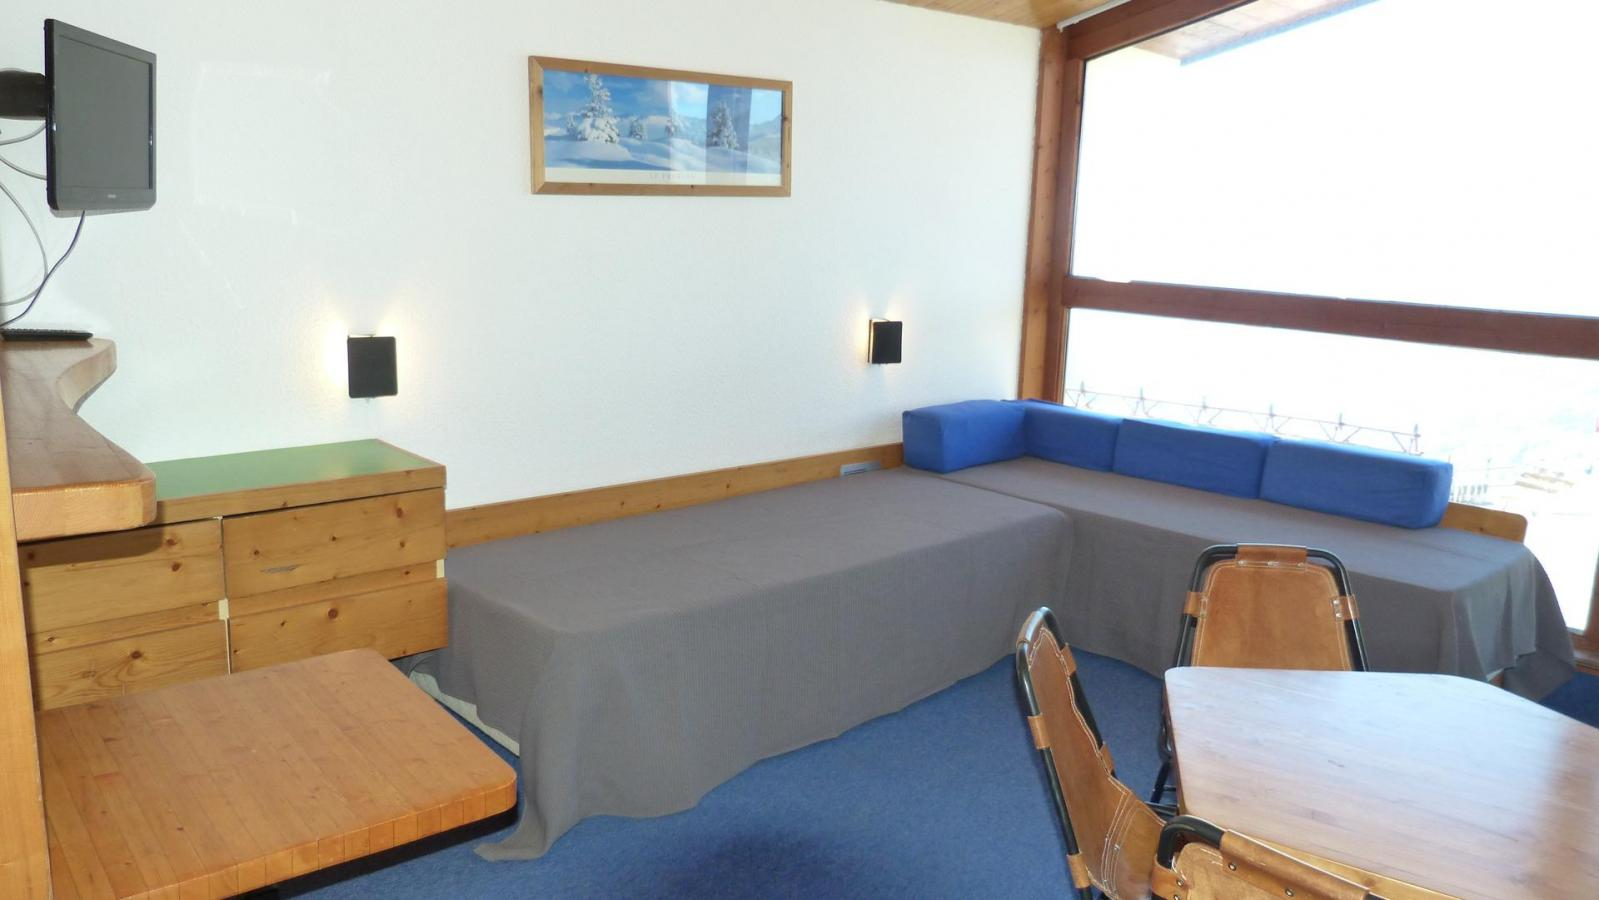 Location au ski Appartement 2 pièces 5 personnes (419) - Residence Les Tournavelles - Les Arcs - Canapé-lit